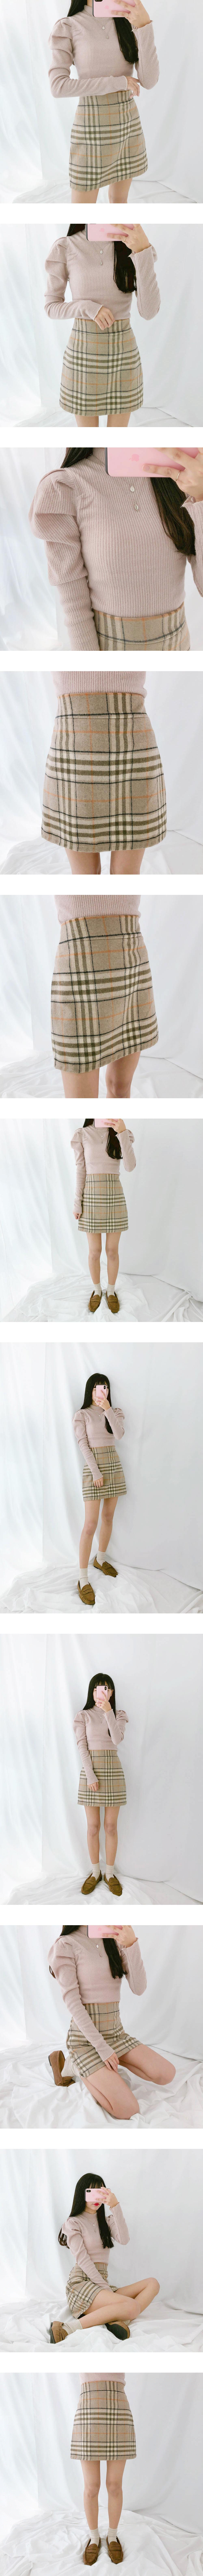 Hepburn Shoulder Knit T-Shirt